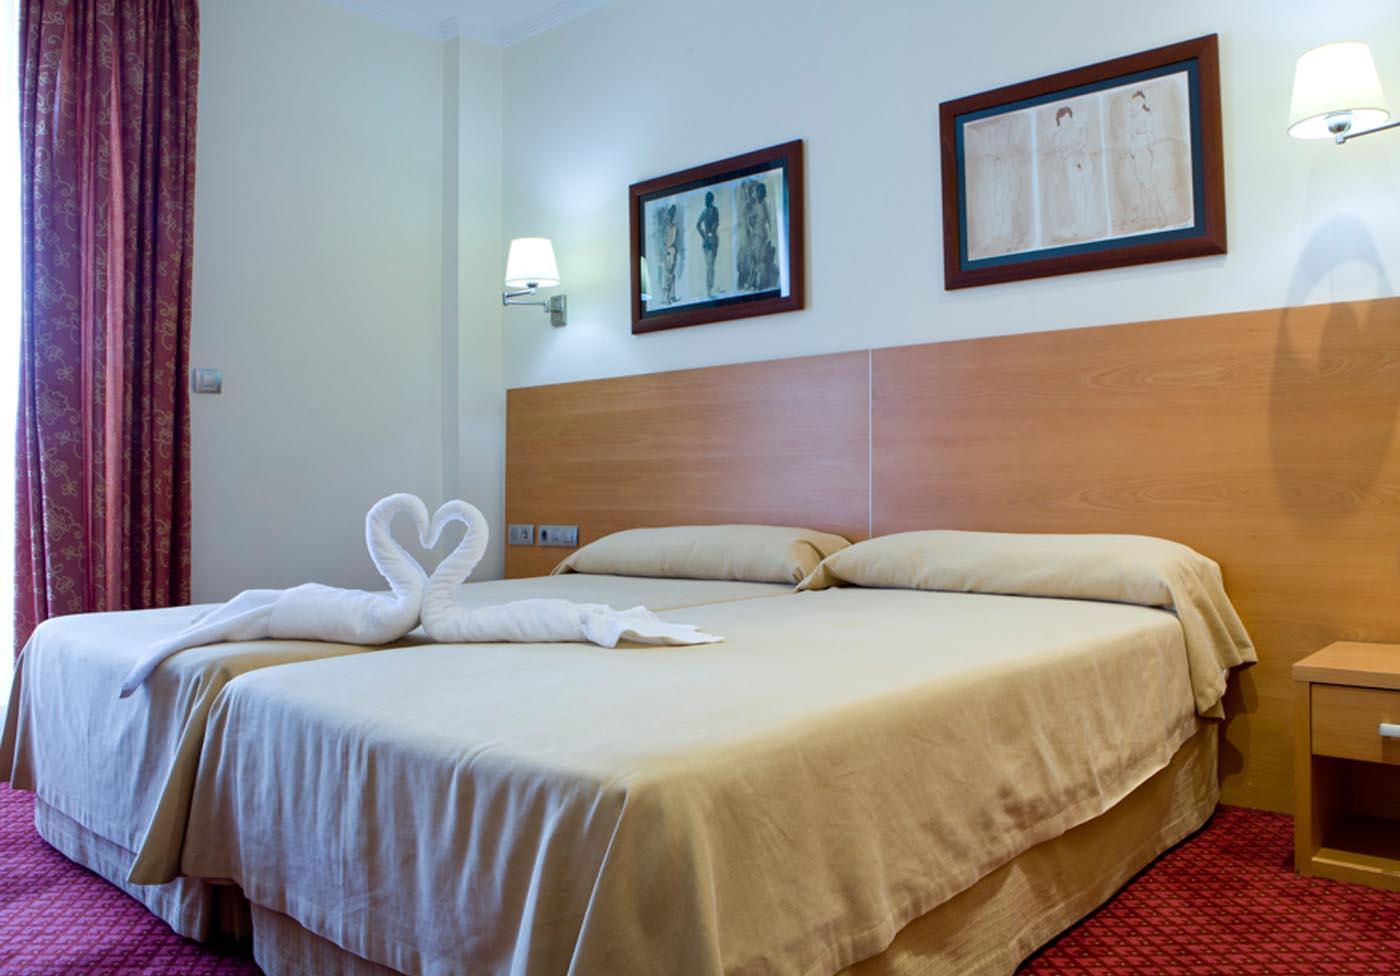 Hotel Peregrina - Hotel Peregrina